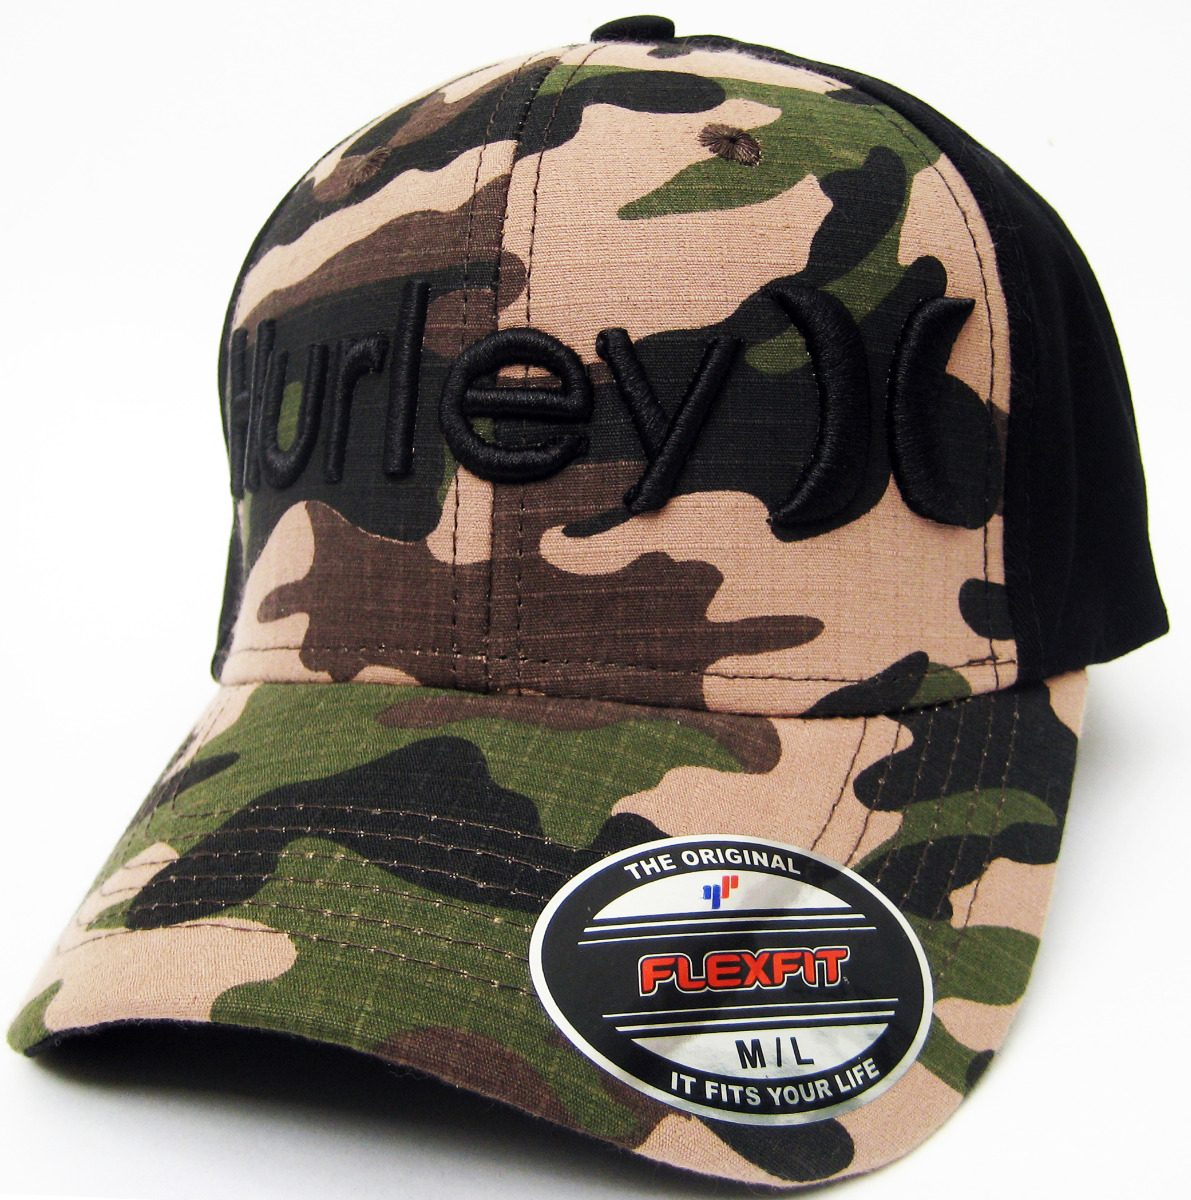 10 Gorras Cerradas Fox Hurley Rvca Volcom Mayoreo Flex -   999.00 en ... 92c97467f17